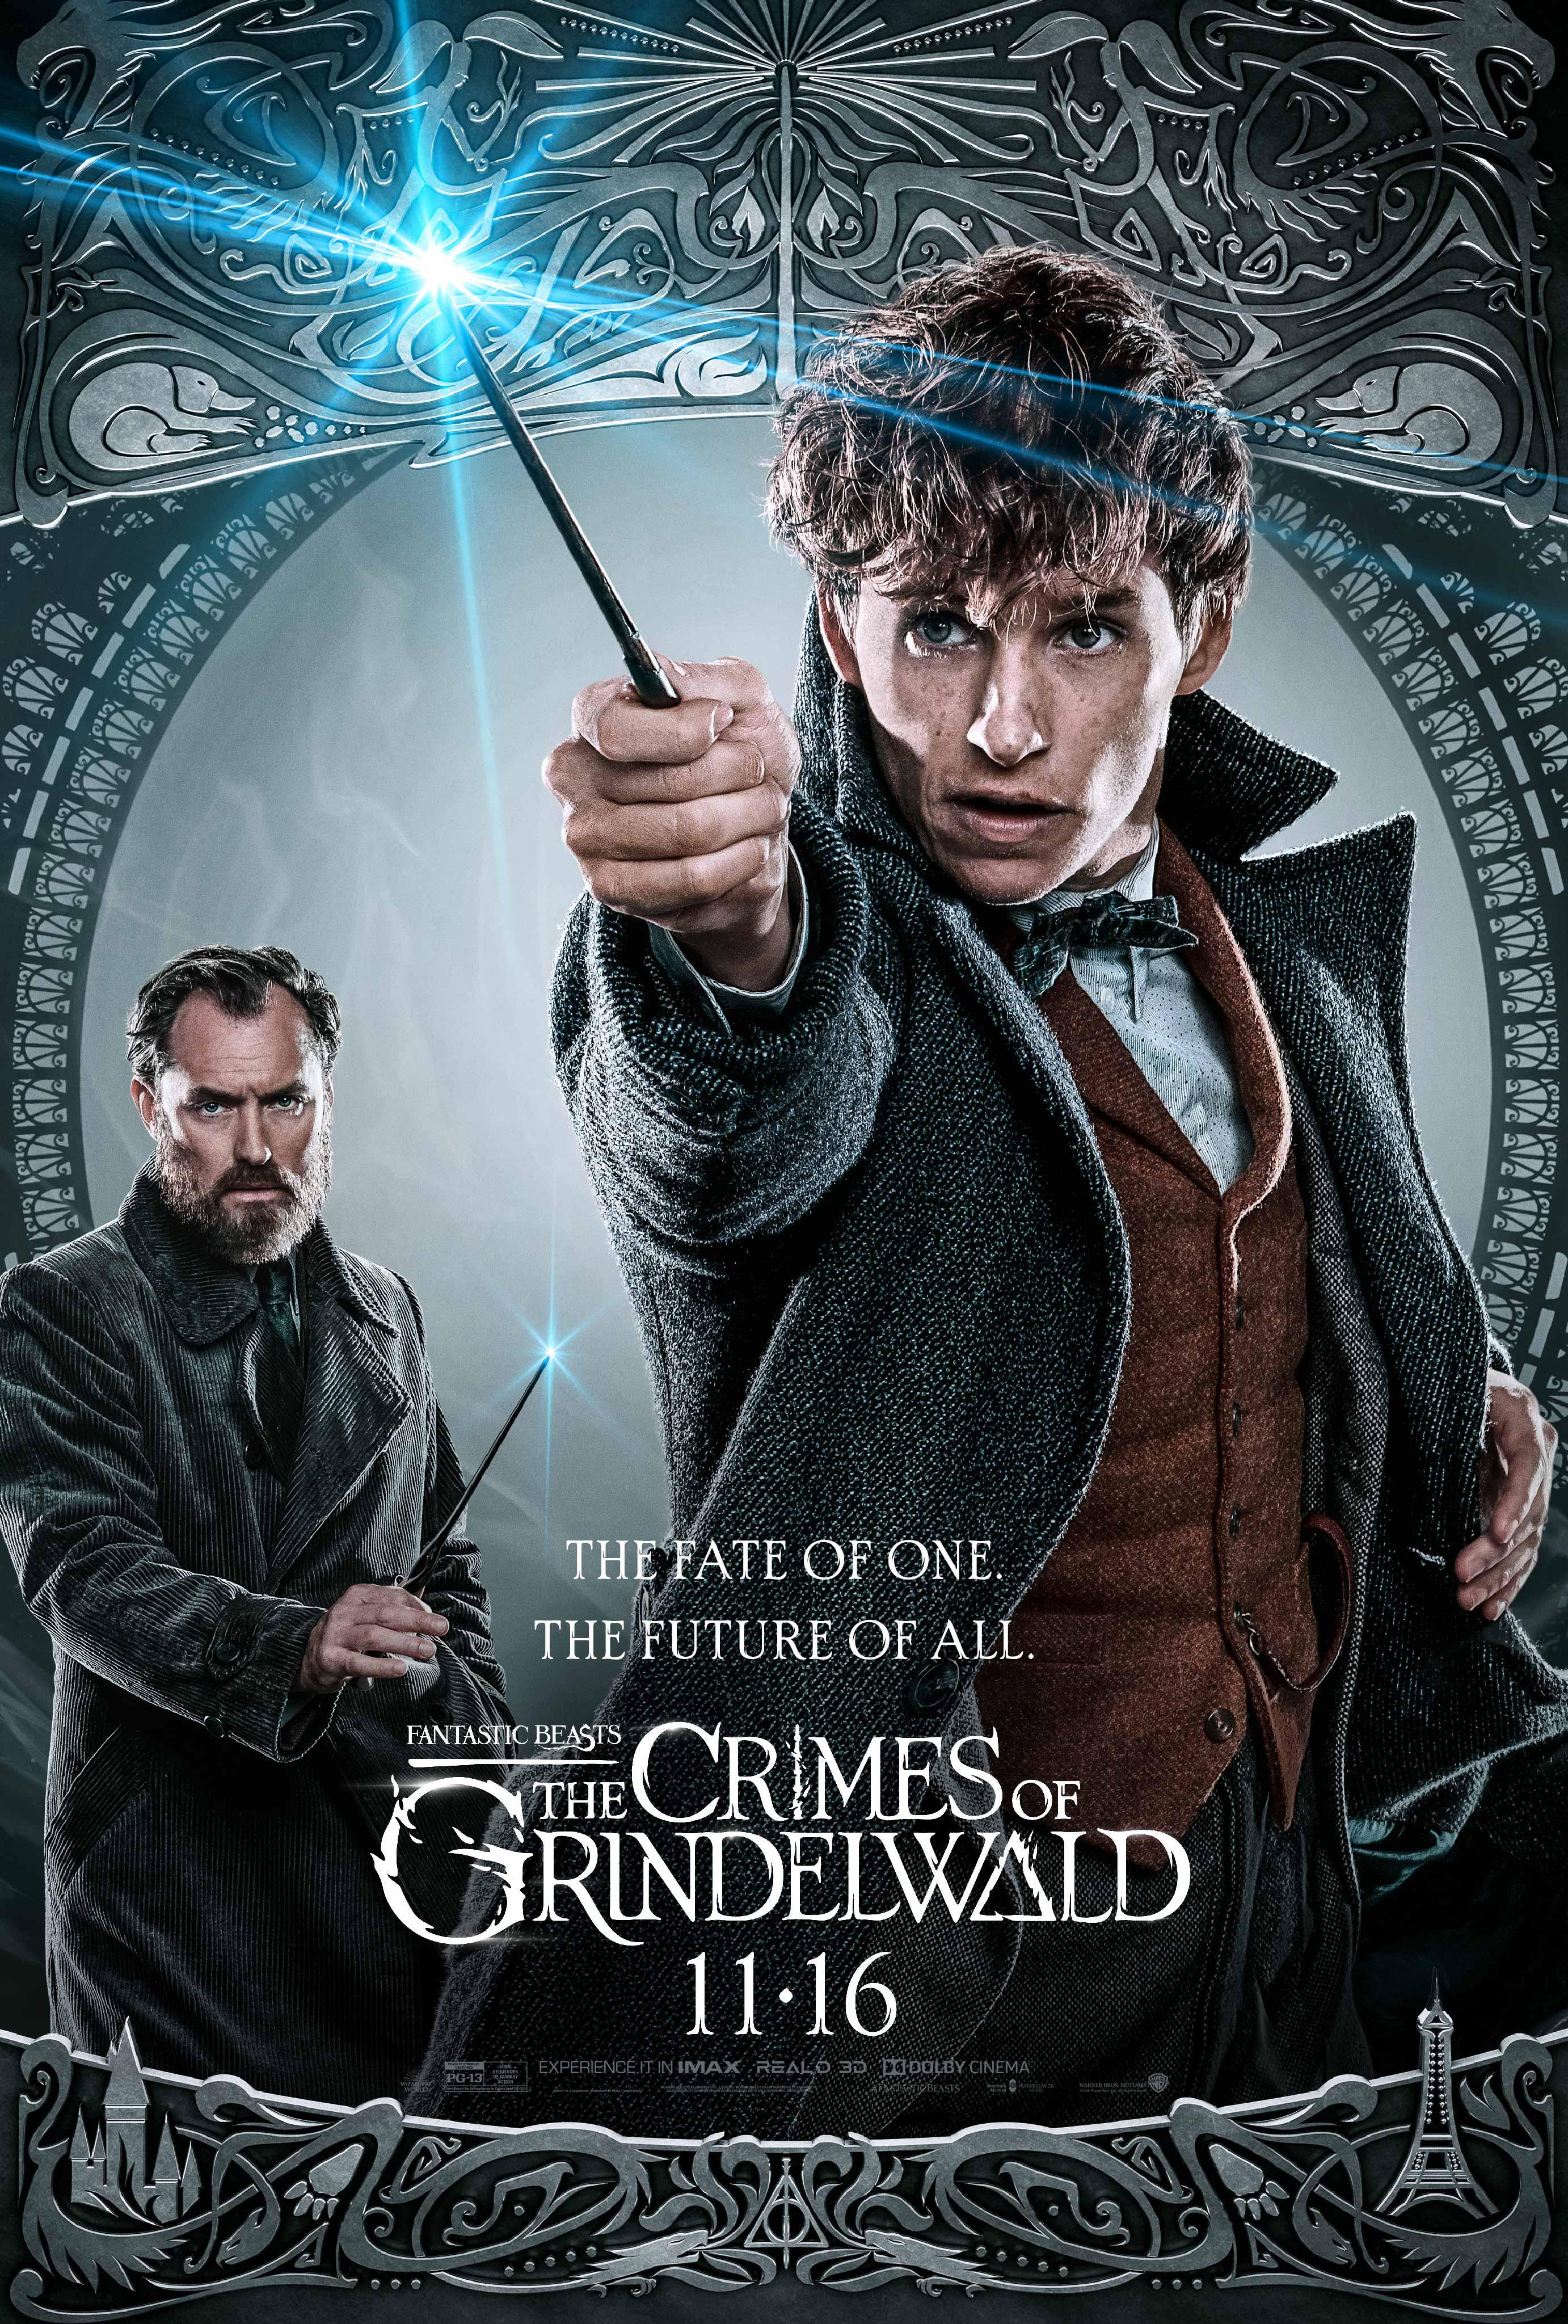 Crimes of Grindelwald poster